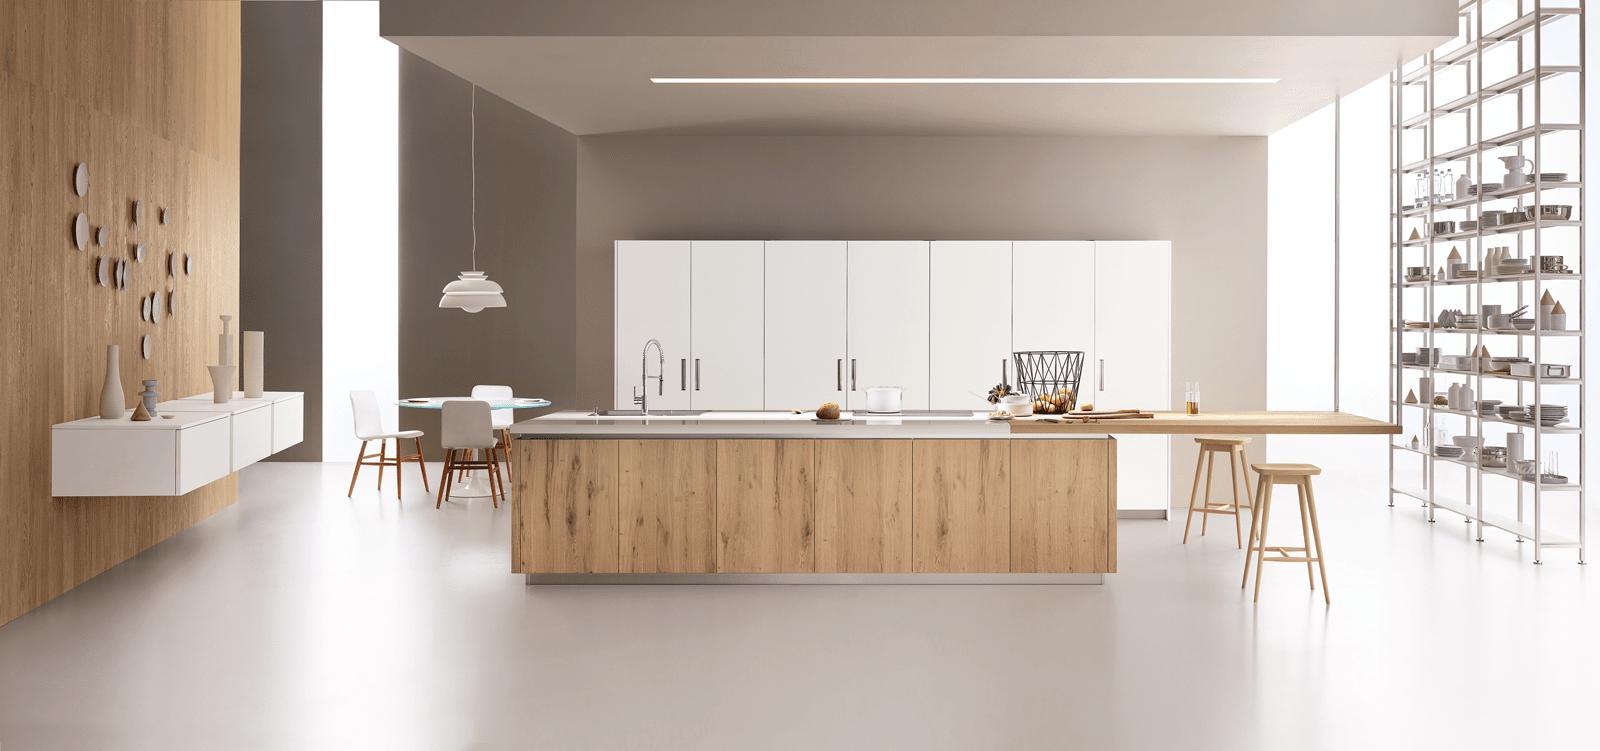 Cucina con l 39 isola il modello ideale a vista sul soggiorno cose di casa - Cucina veneta cucine ...